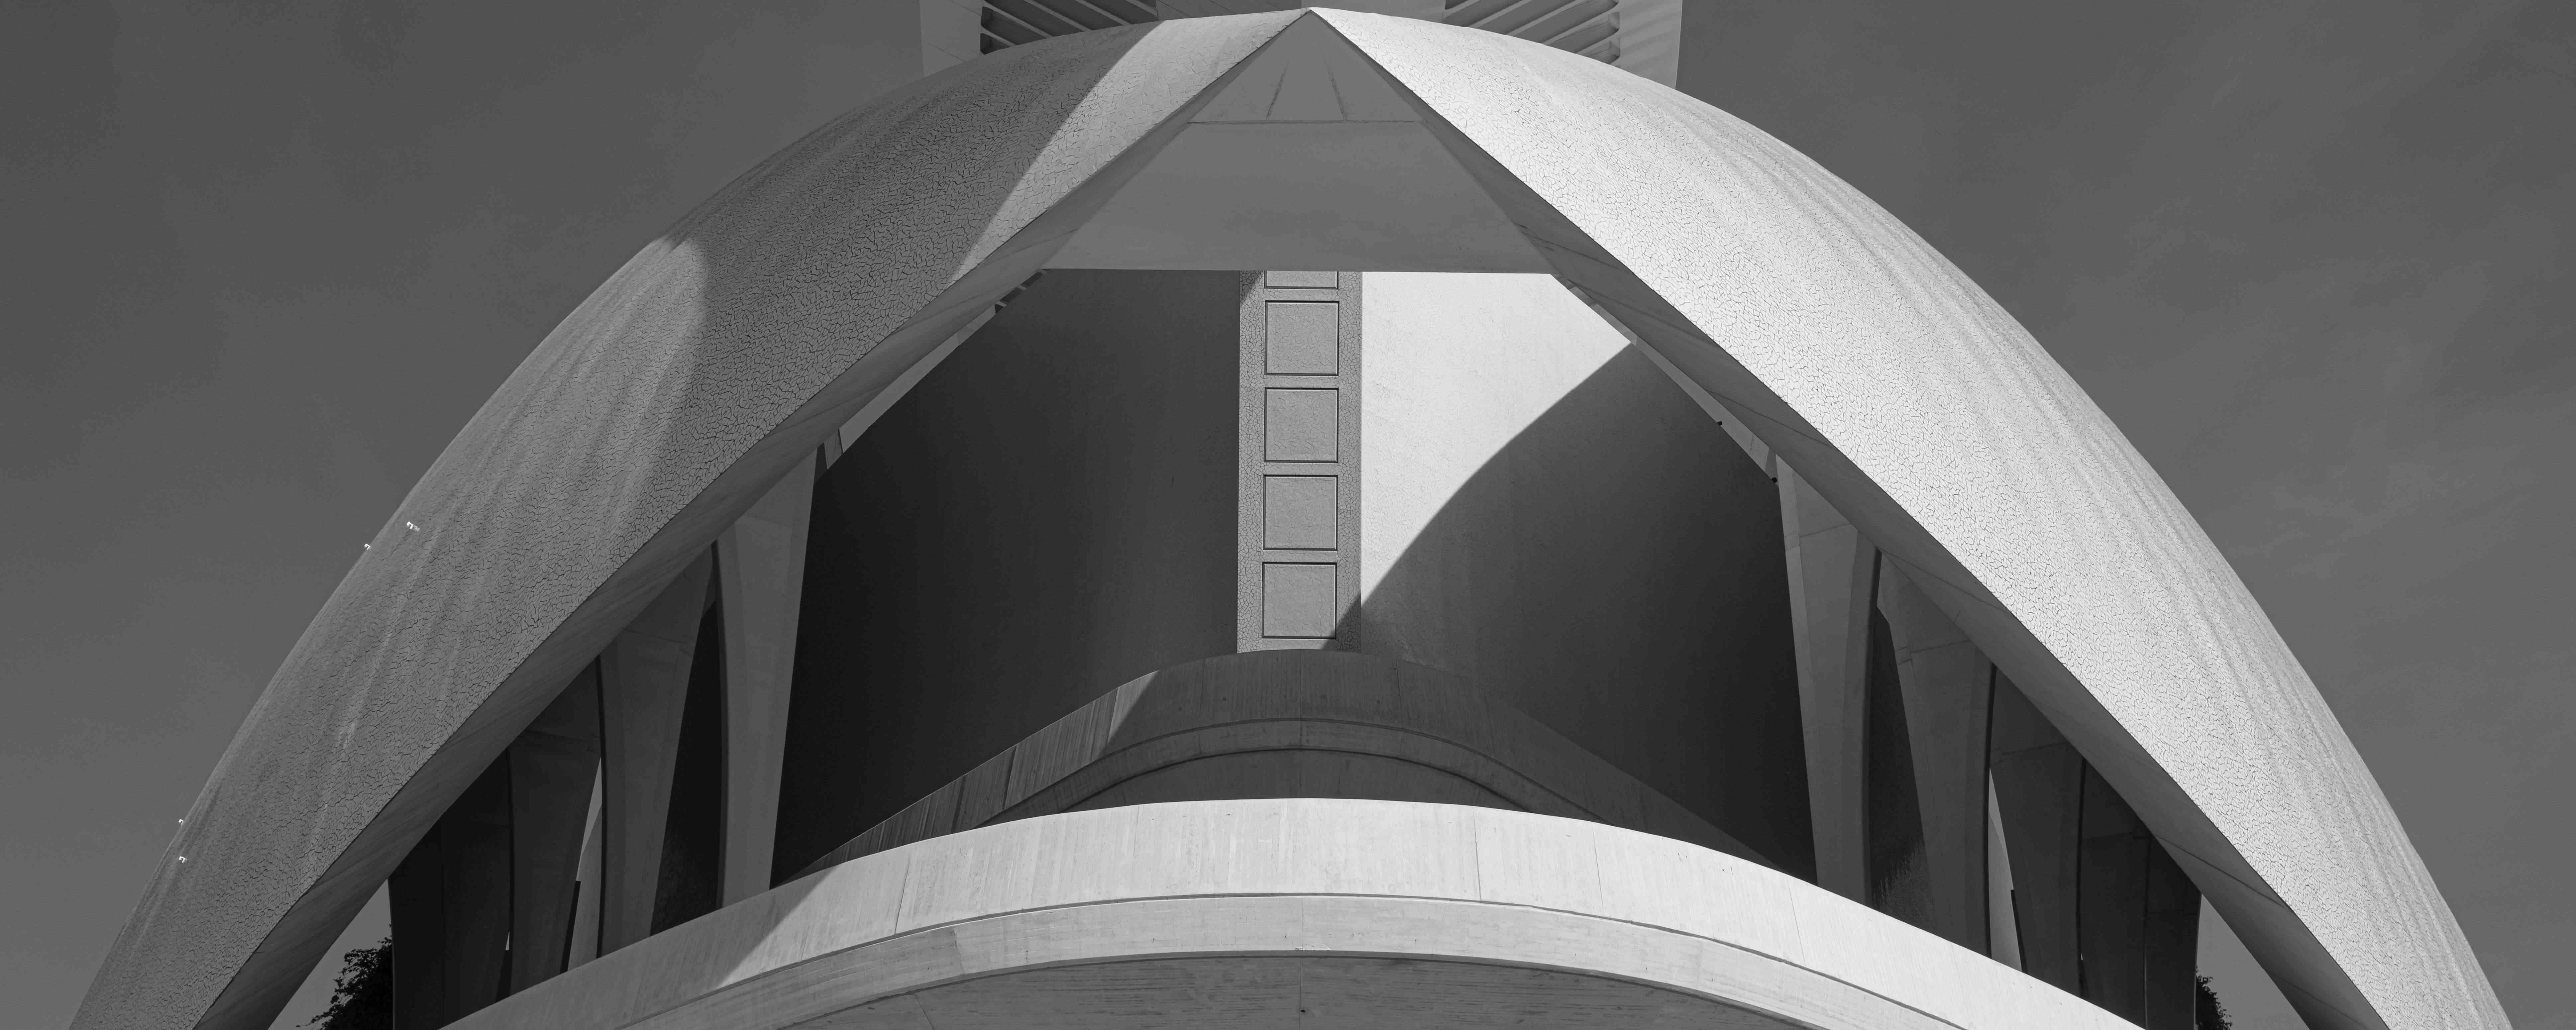 Fotografías edificio Les Arts diurnas. ©Miguel Lorenzo / Mikel Ponce